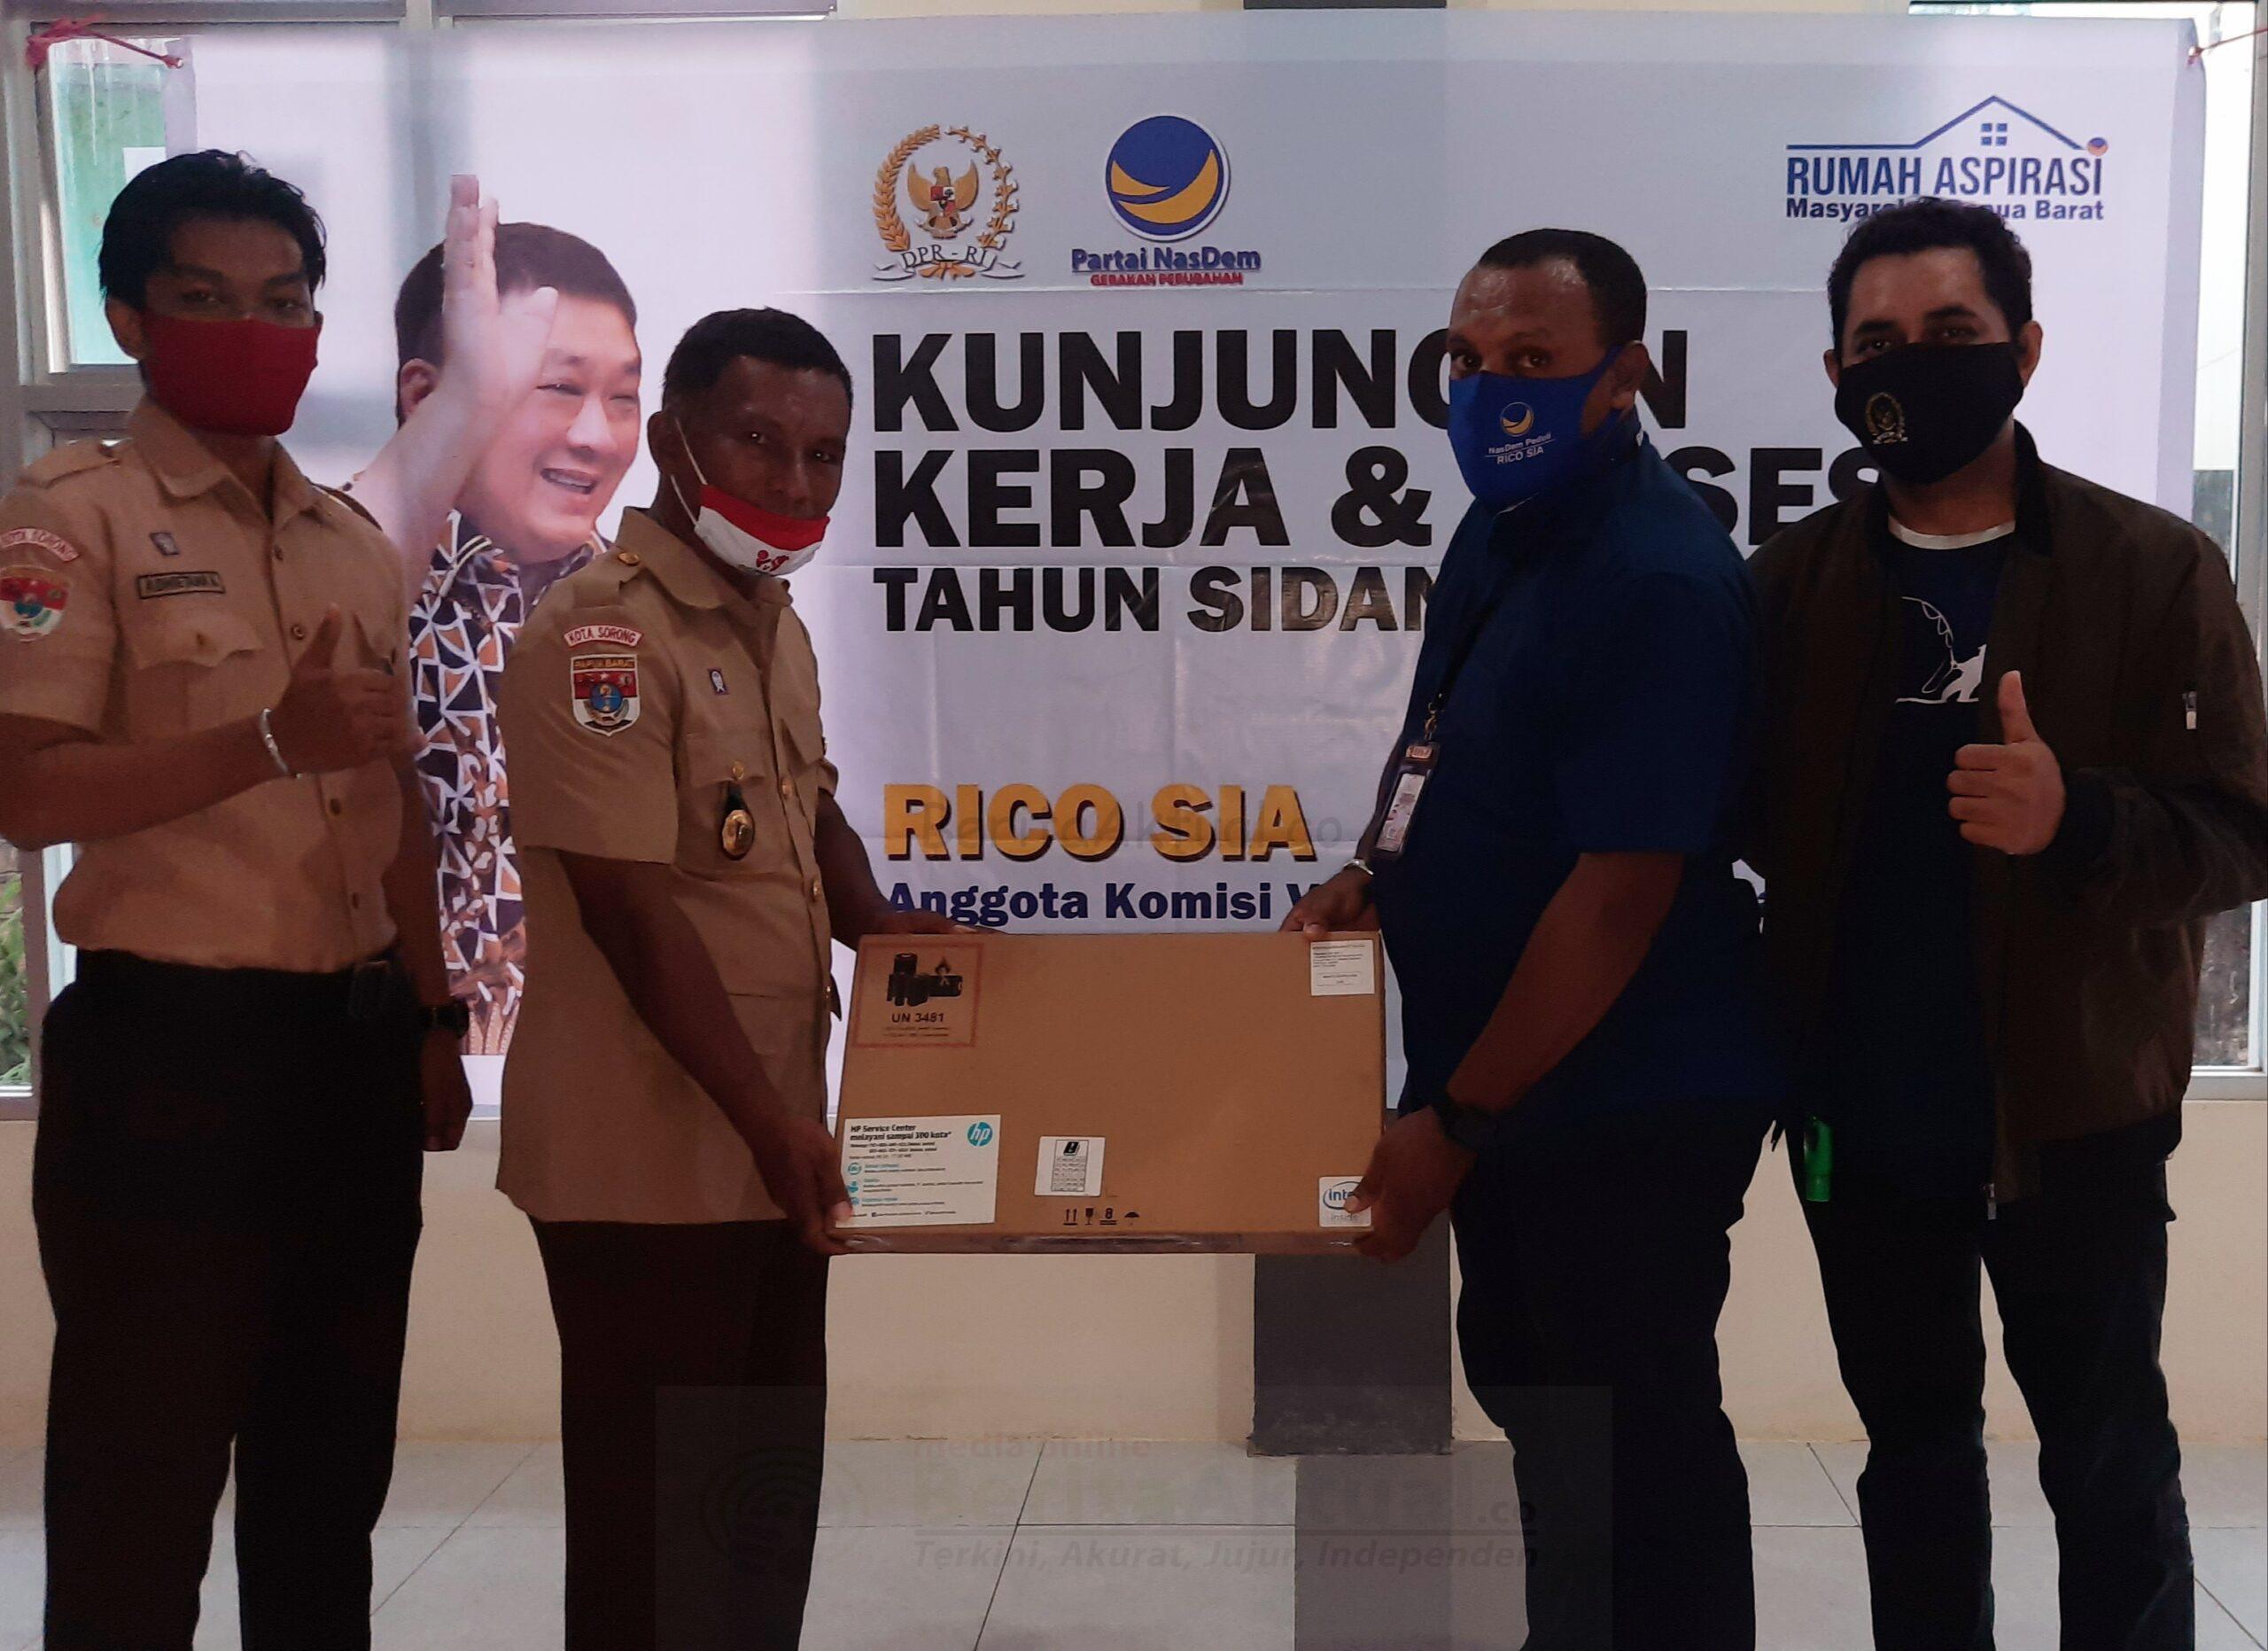 Rico Sia Realisasikan Bantuan Teknologi Untuk Kwarcab Dan Sekolah di Sorong 24 20201107 215201 scaled